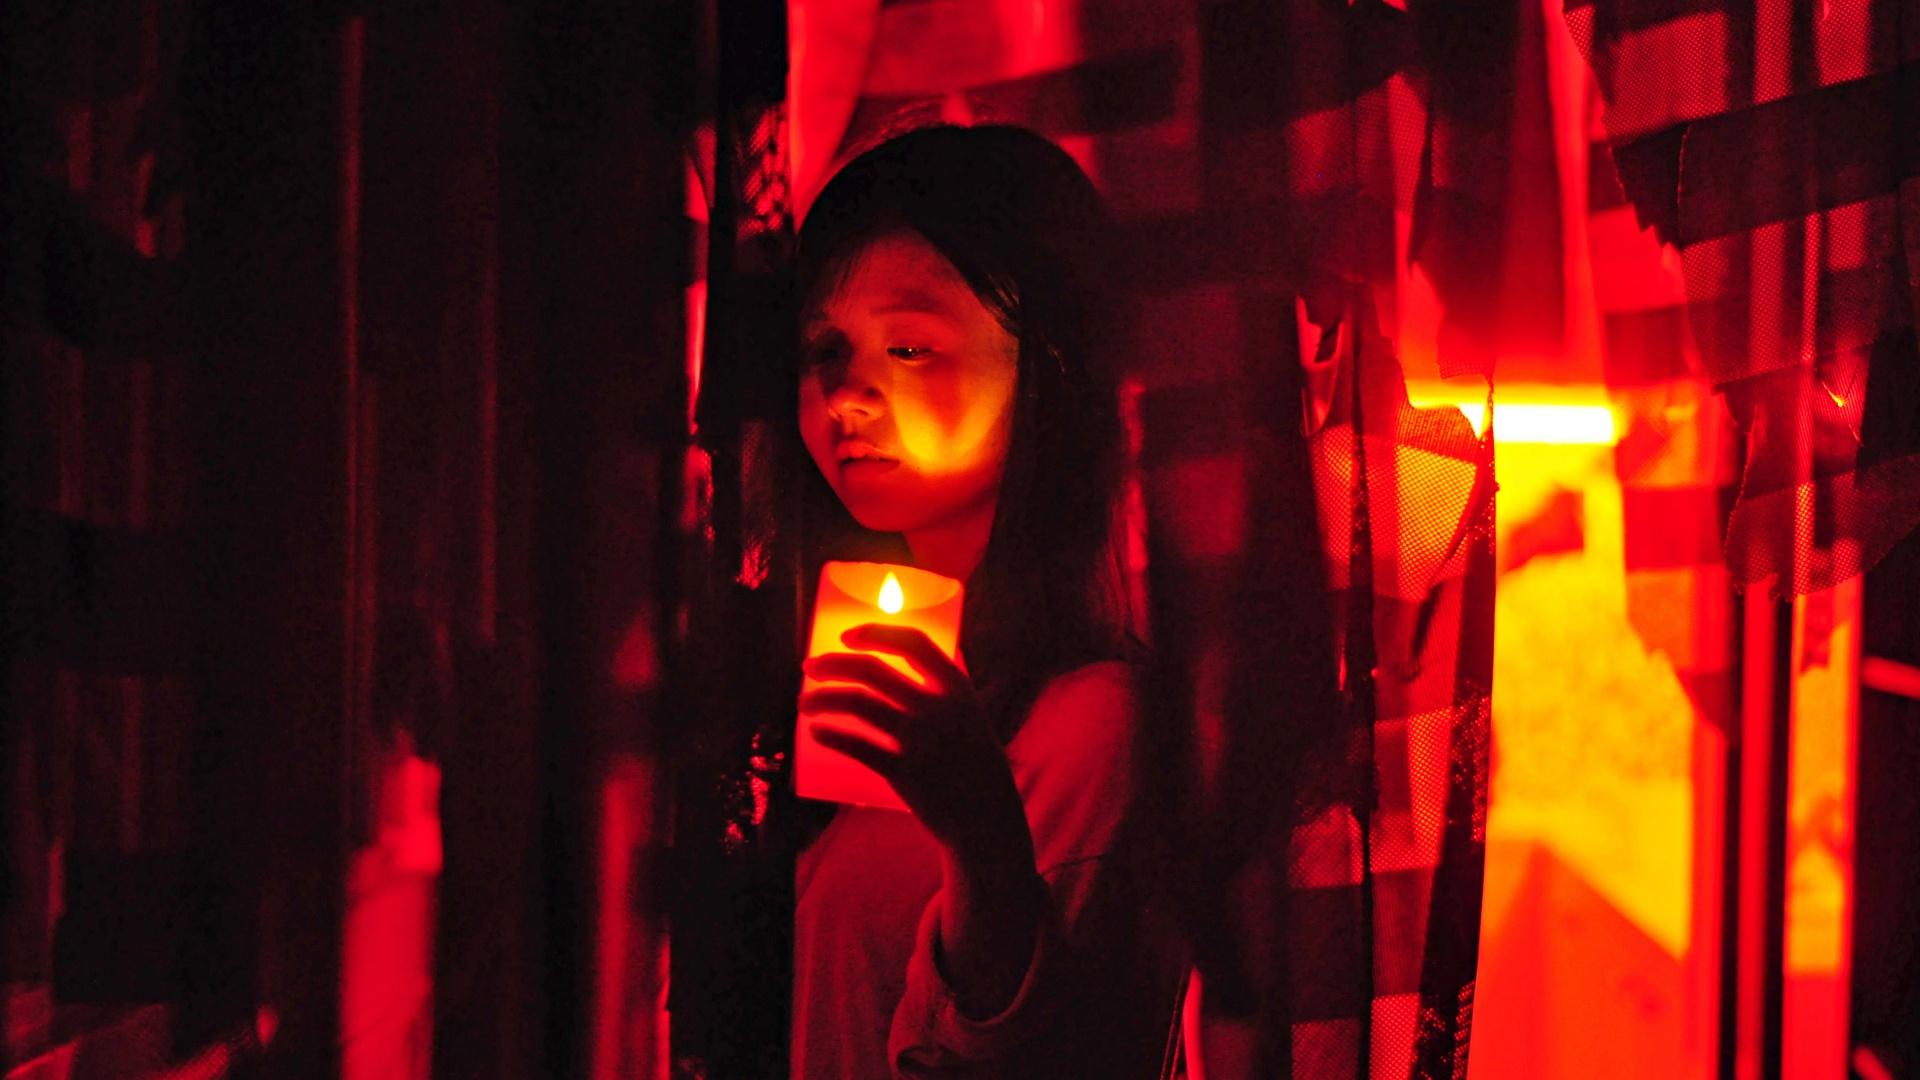 【密室逃脫無雷開箱 新竹笨蛋工作室:攝影屍】真實攝影棚改造,挑戰你的膽量!